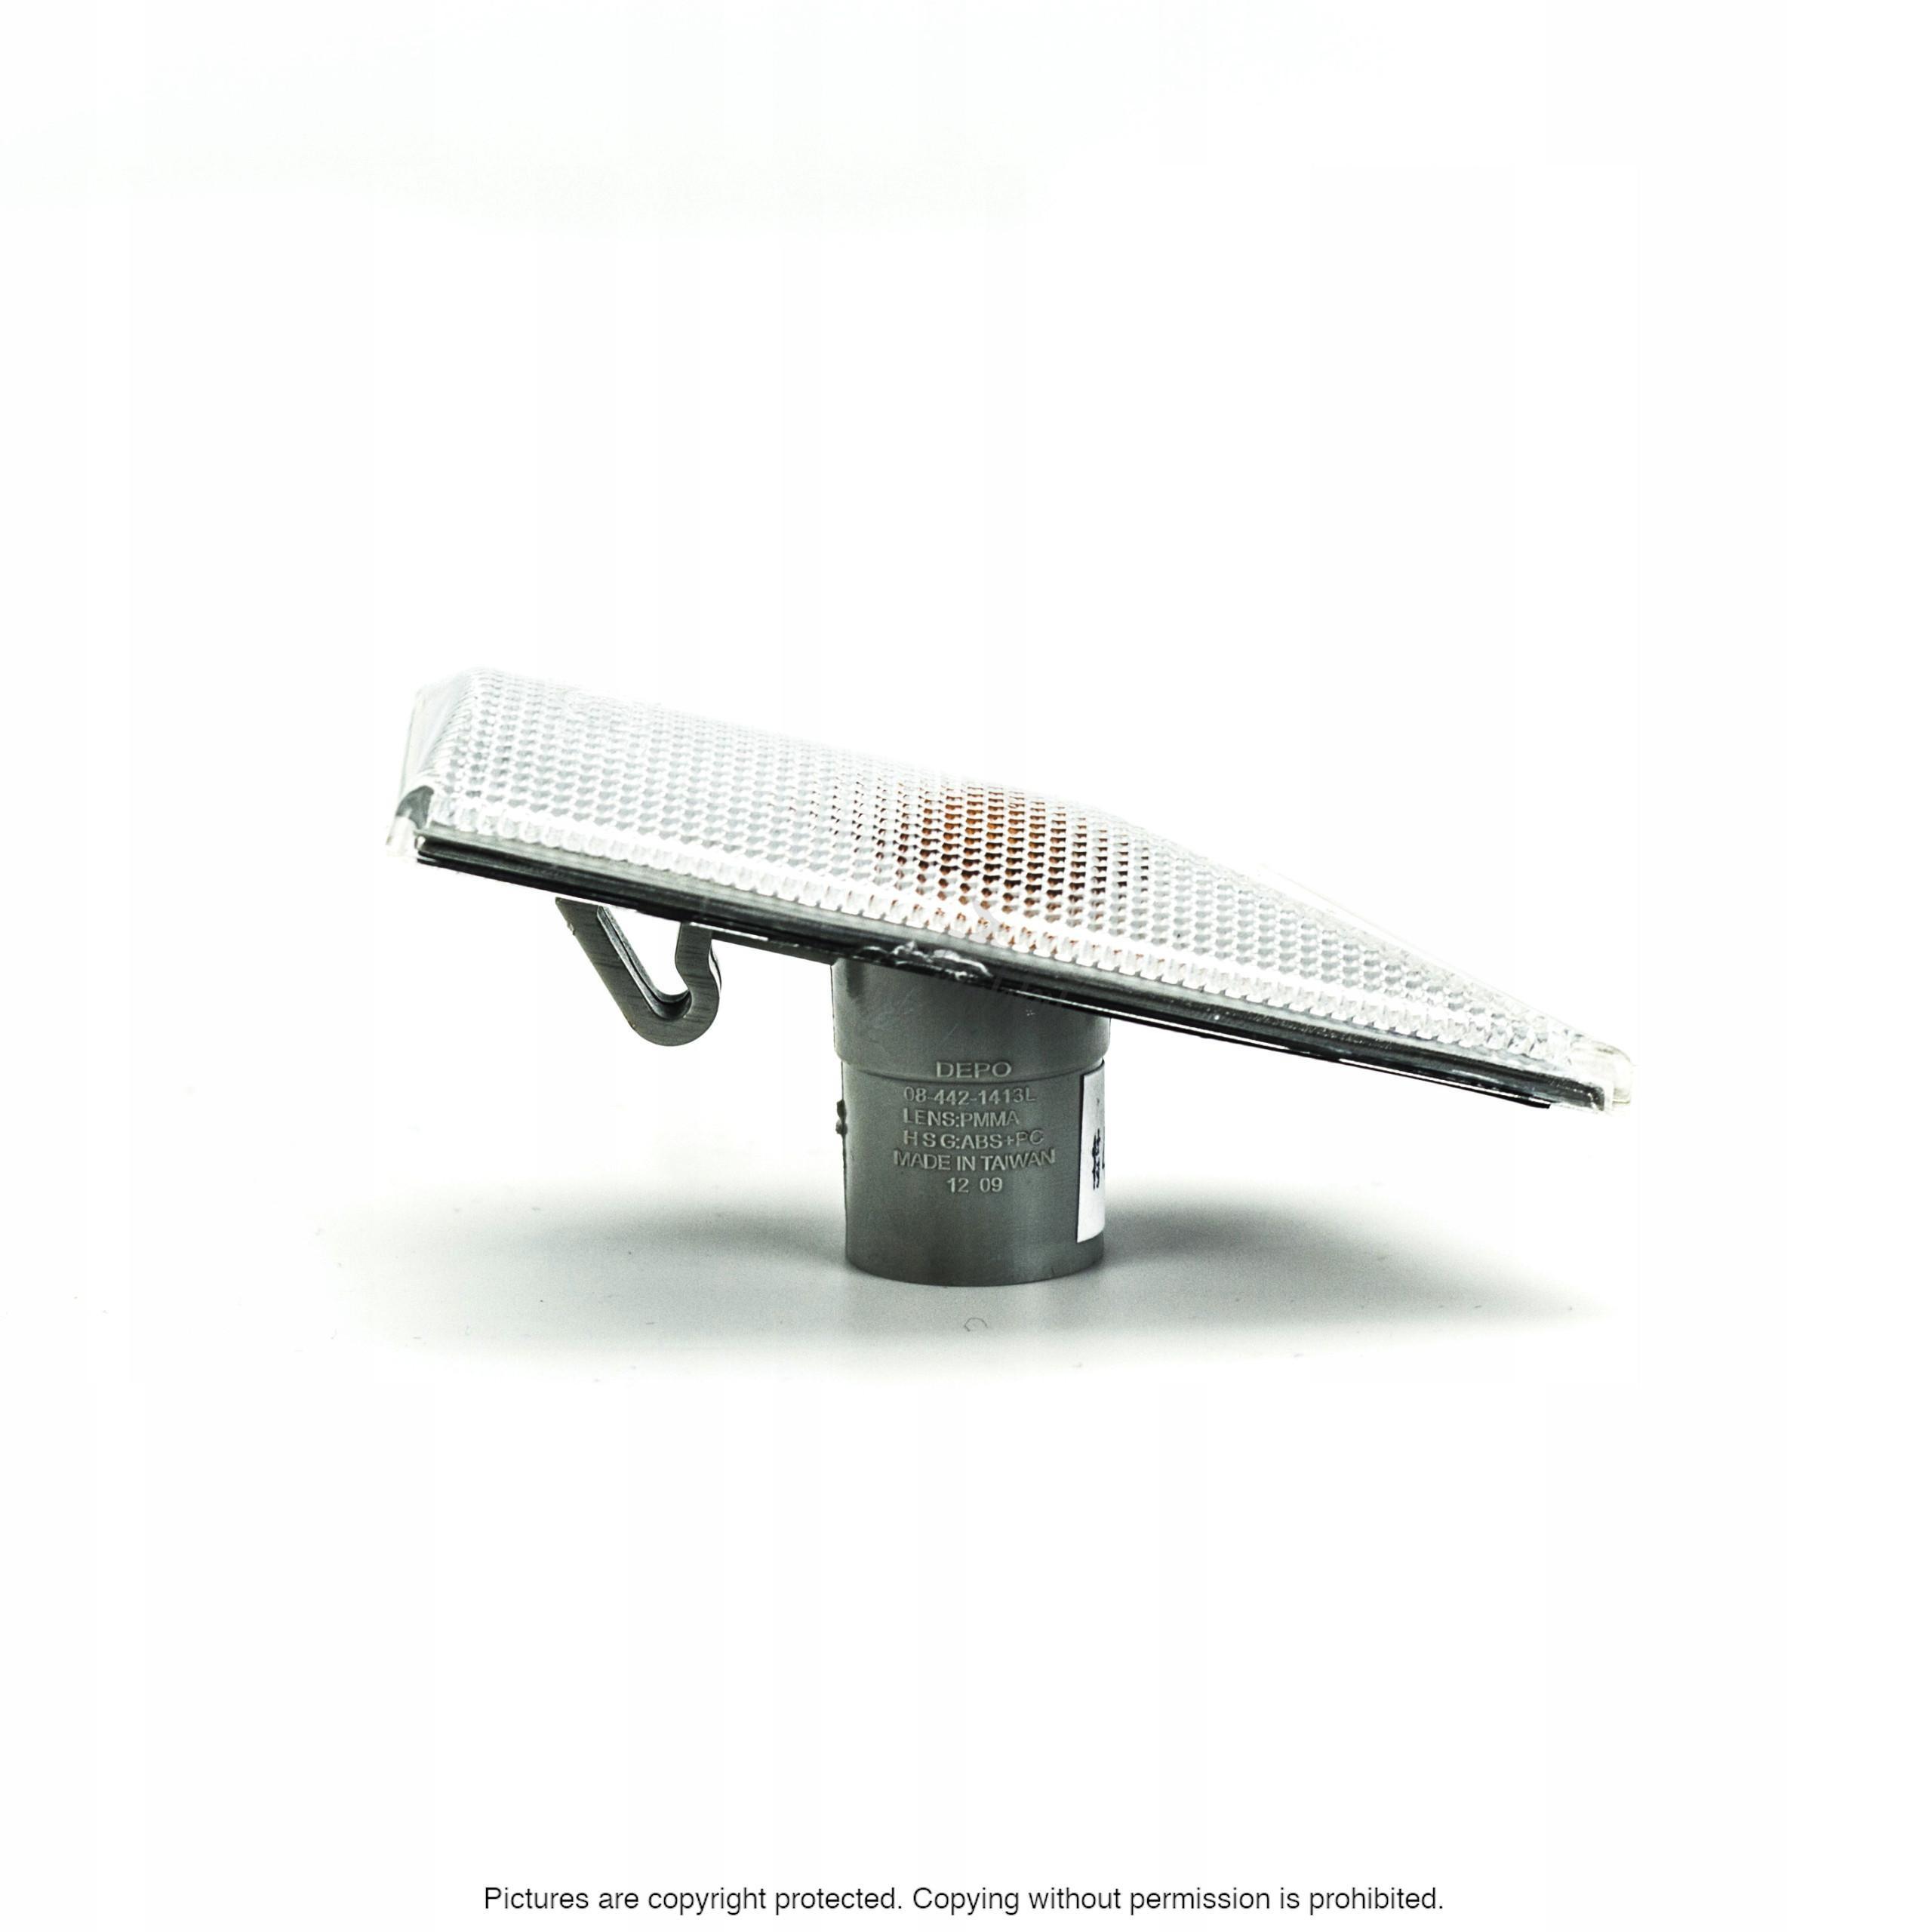 MIGACZE BOCZNE OPEL SIGNUM '03-'08 LEWY+PRAWY DEPO